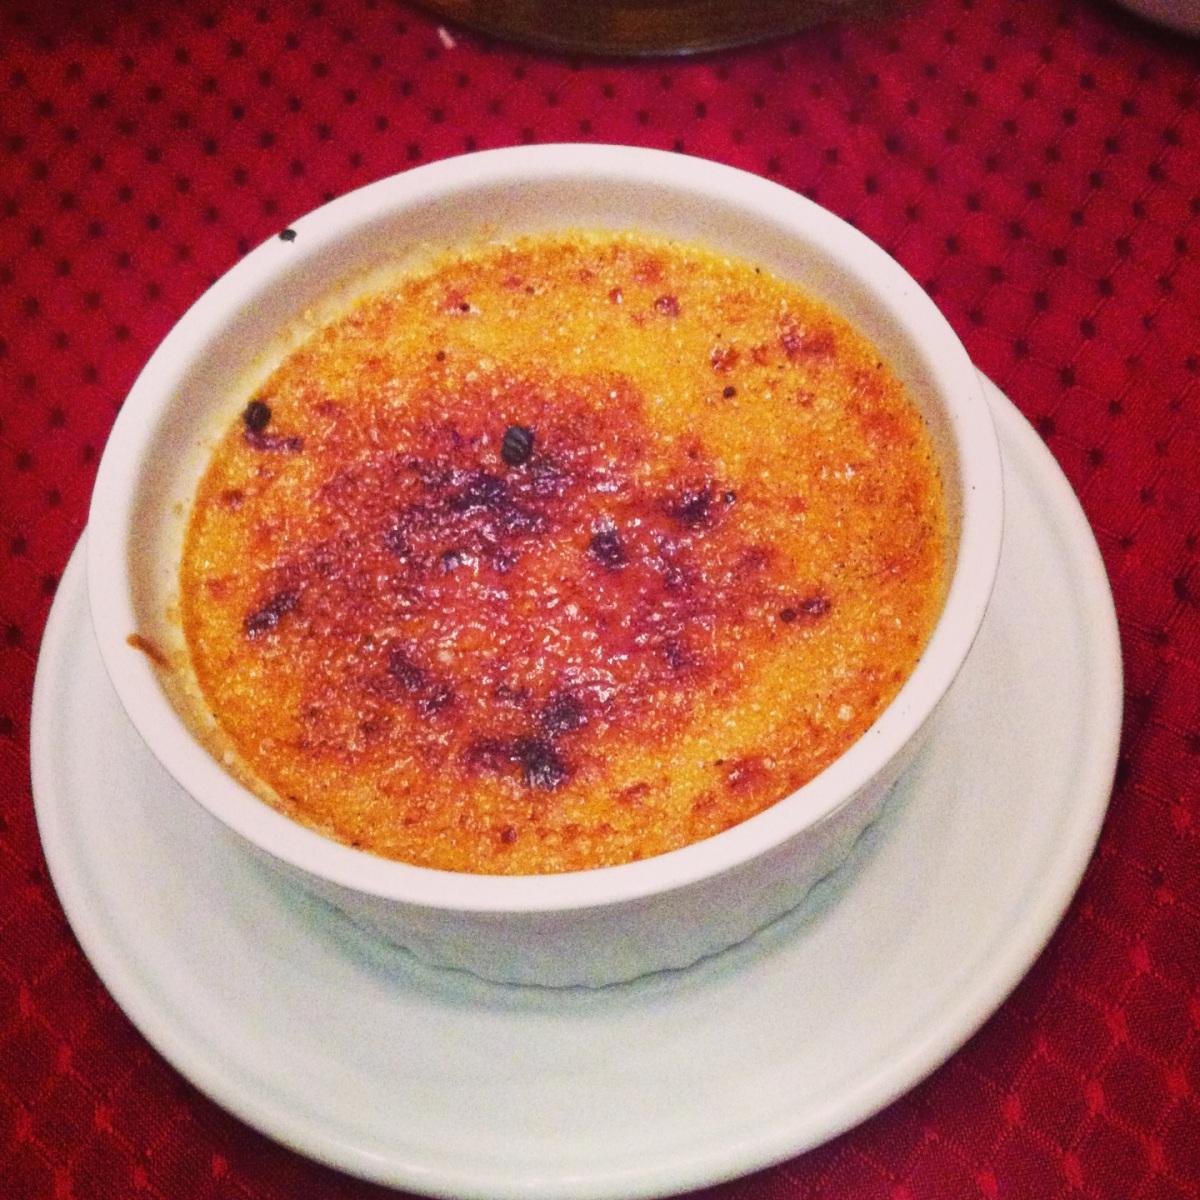 Crème brûlée au chocolat Dulcey de Valrhona